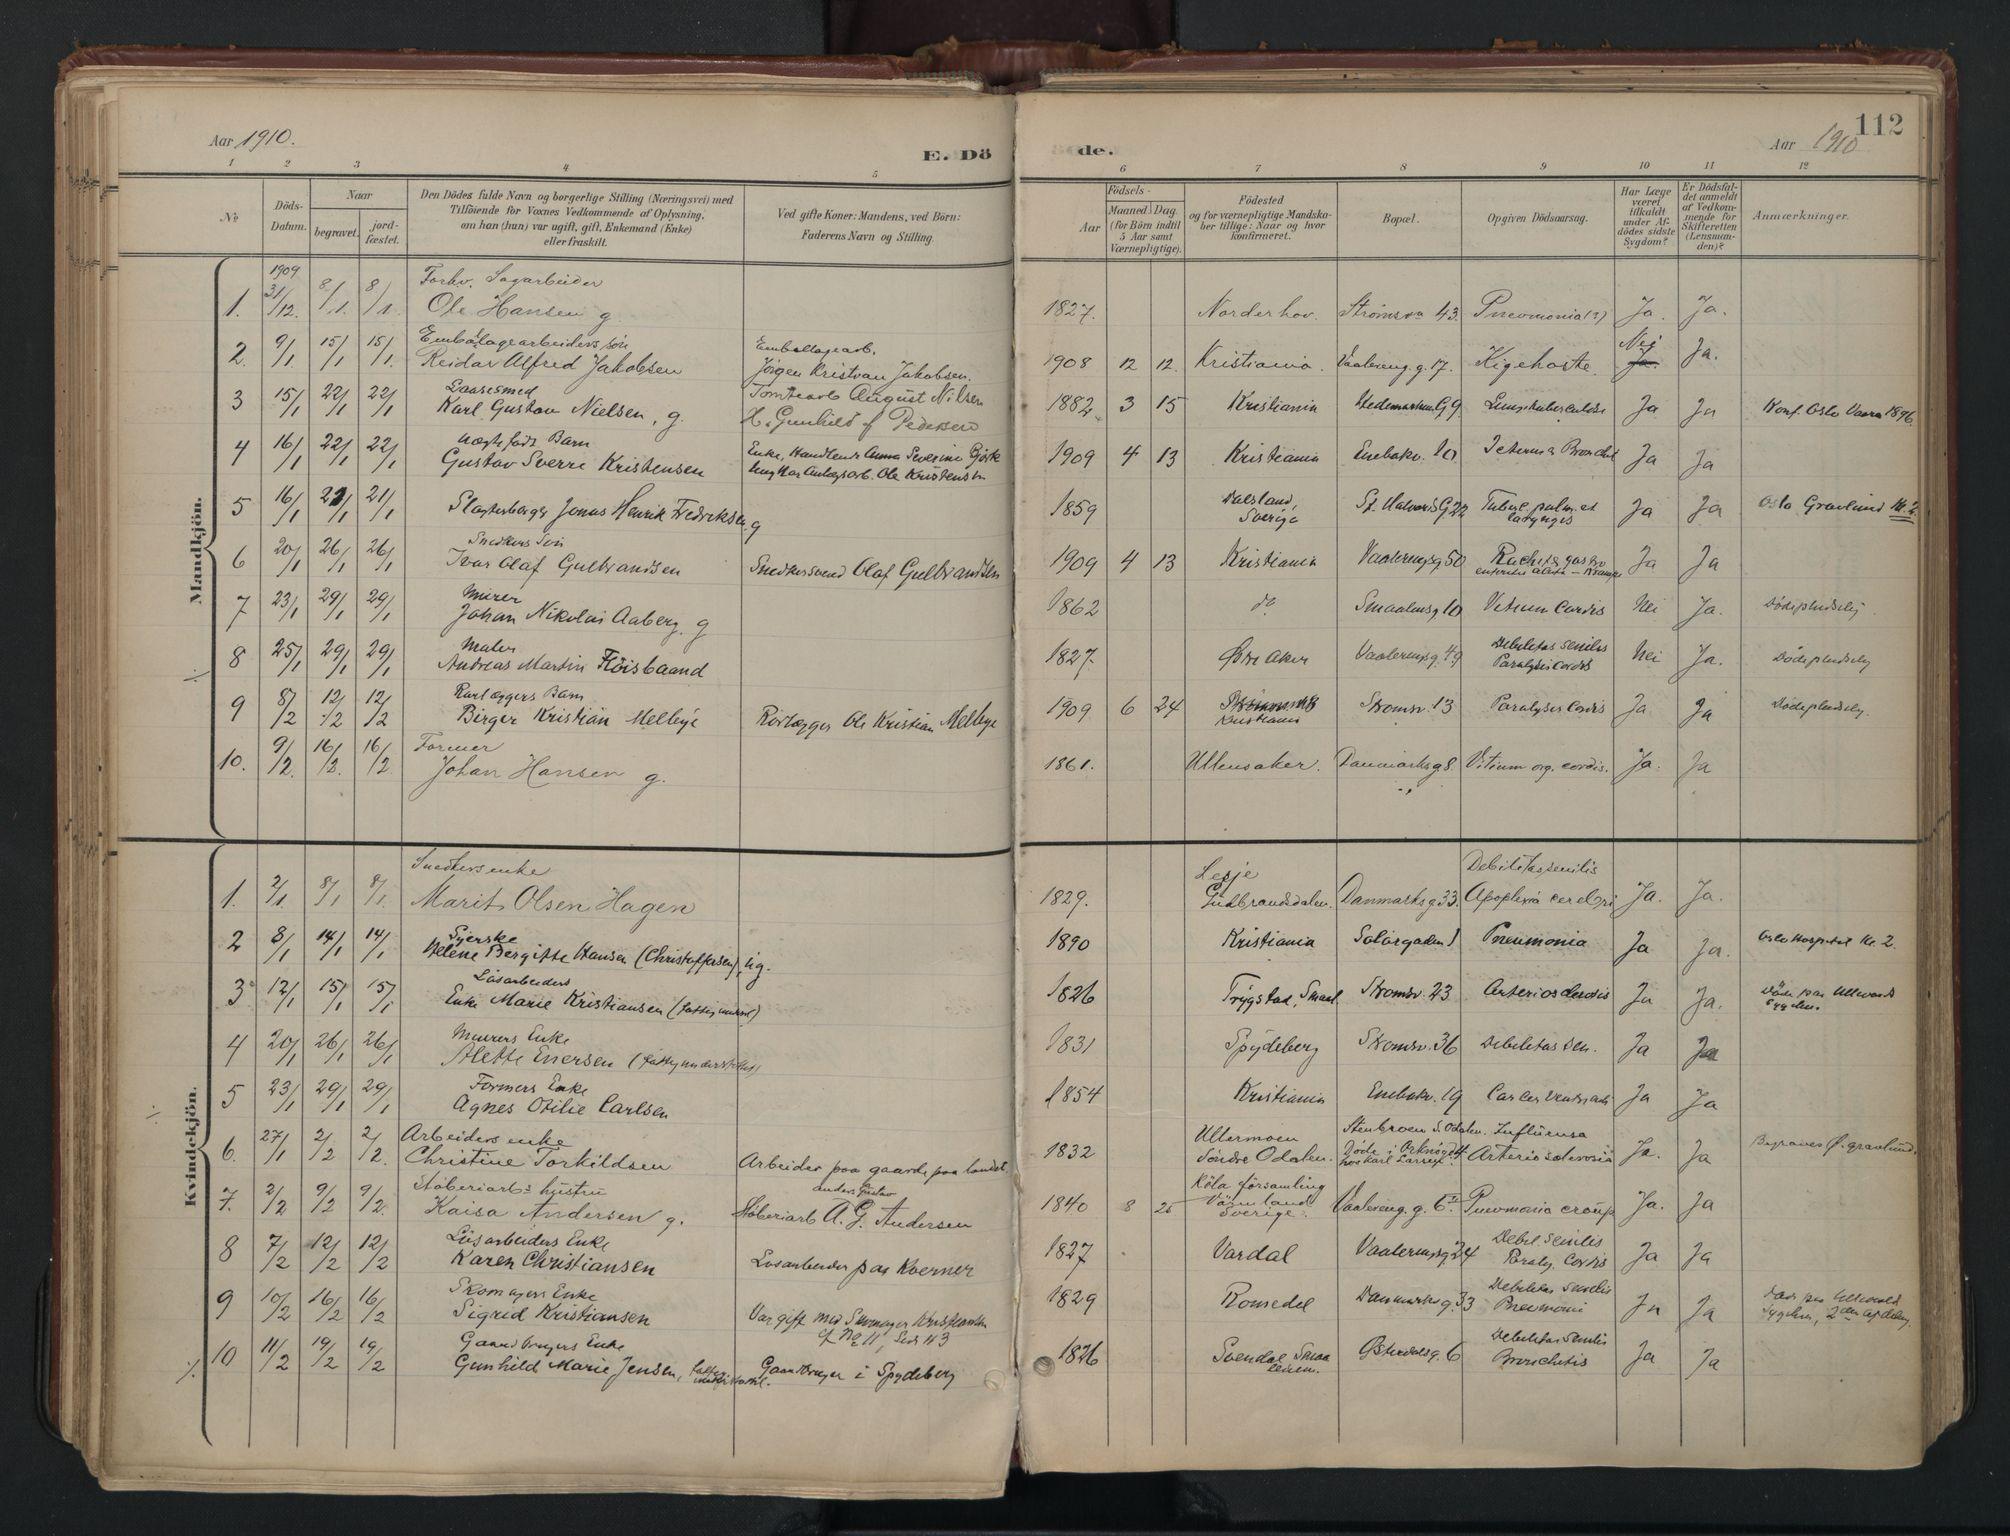 SAO, Vålerengen prestekontor Kirkebøker, F/Fa/L0003: Ministerialbok nr. 3, 1899-1930, s. 112